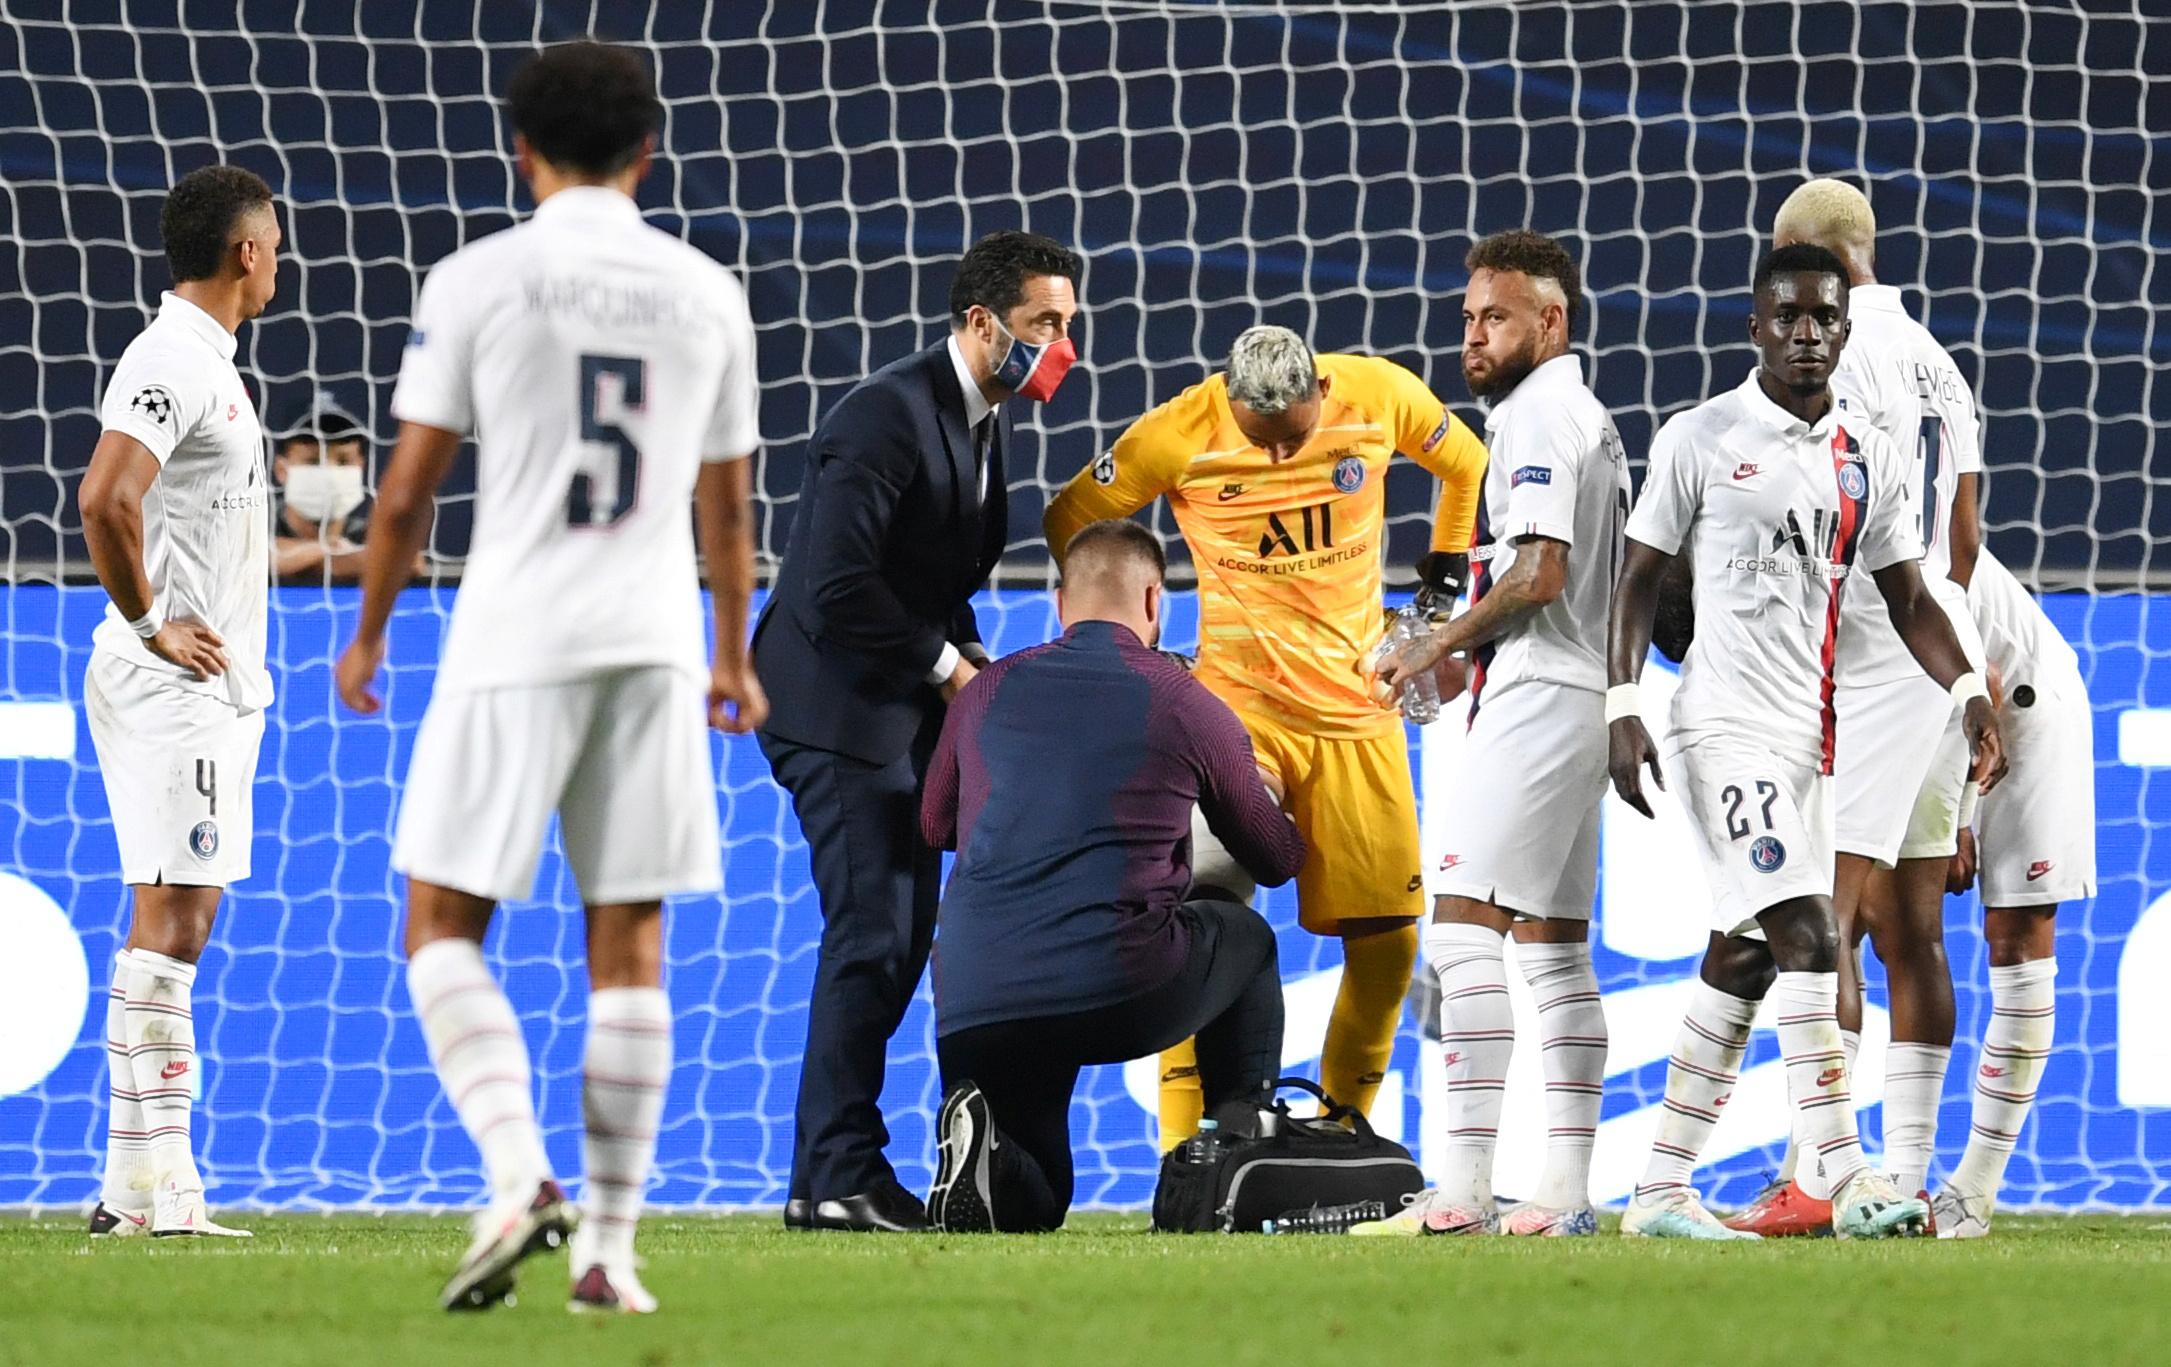 Football - Ligue des champions - Le PSG convoque son quatrième gardien après la blessure de Keylor Navas